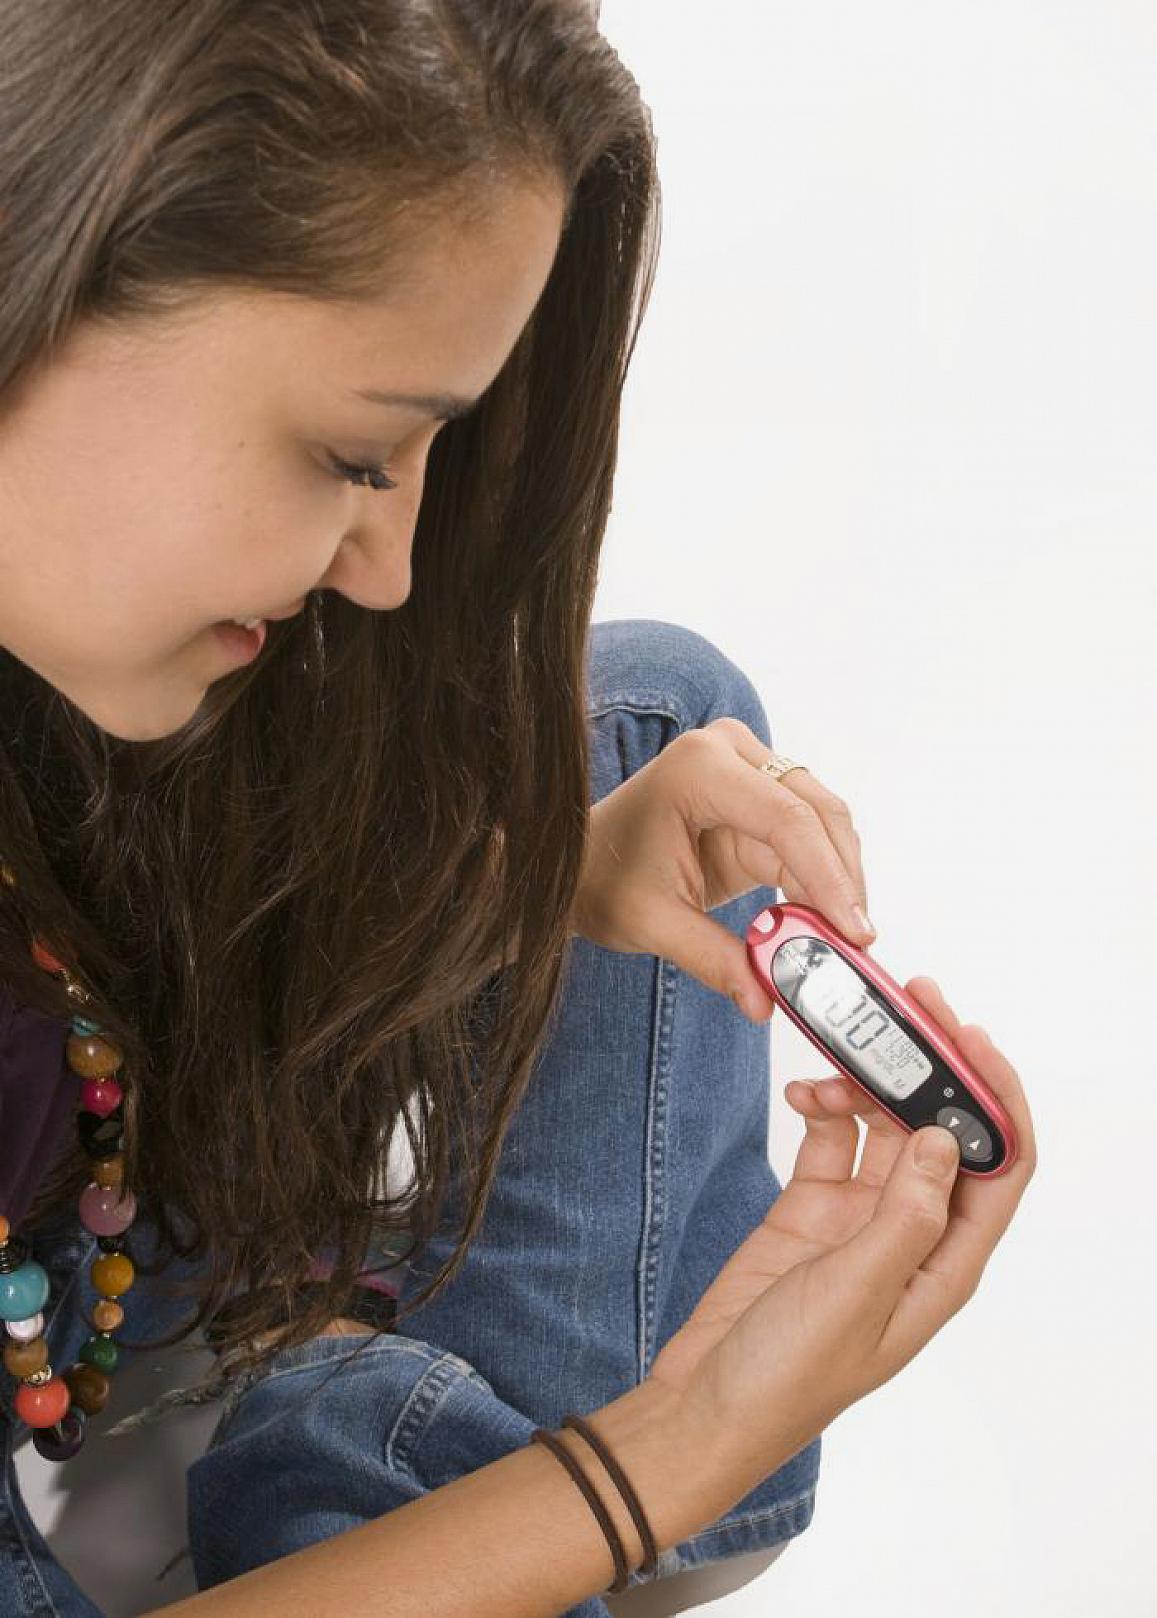 Taxas de novos casos diagnosticados de Diabetes Tipo 1 e Tipo 2 estão em ascensão entre crianças, adolescentes